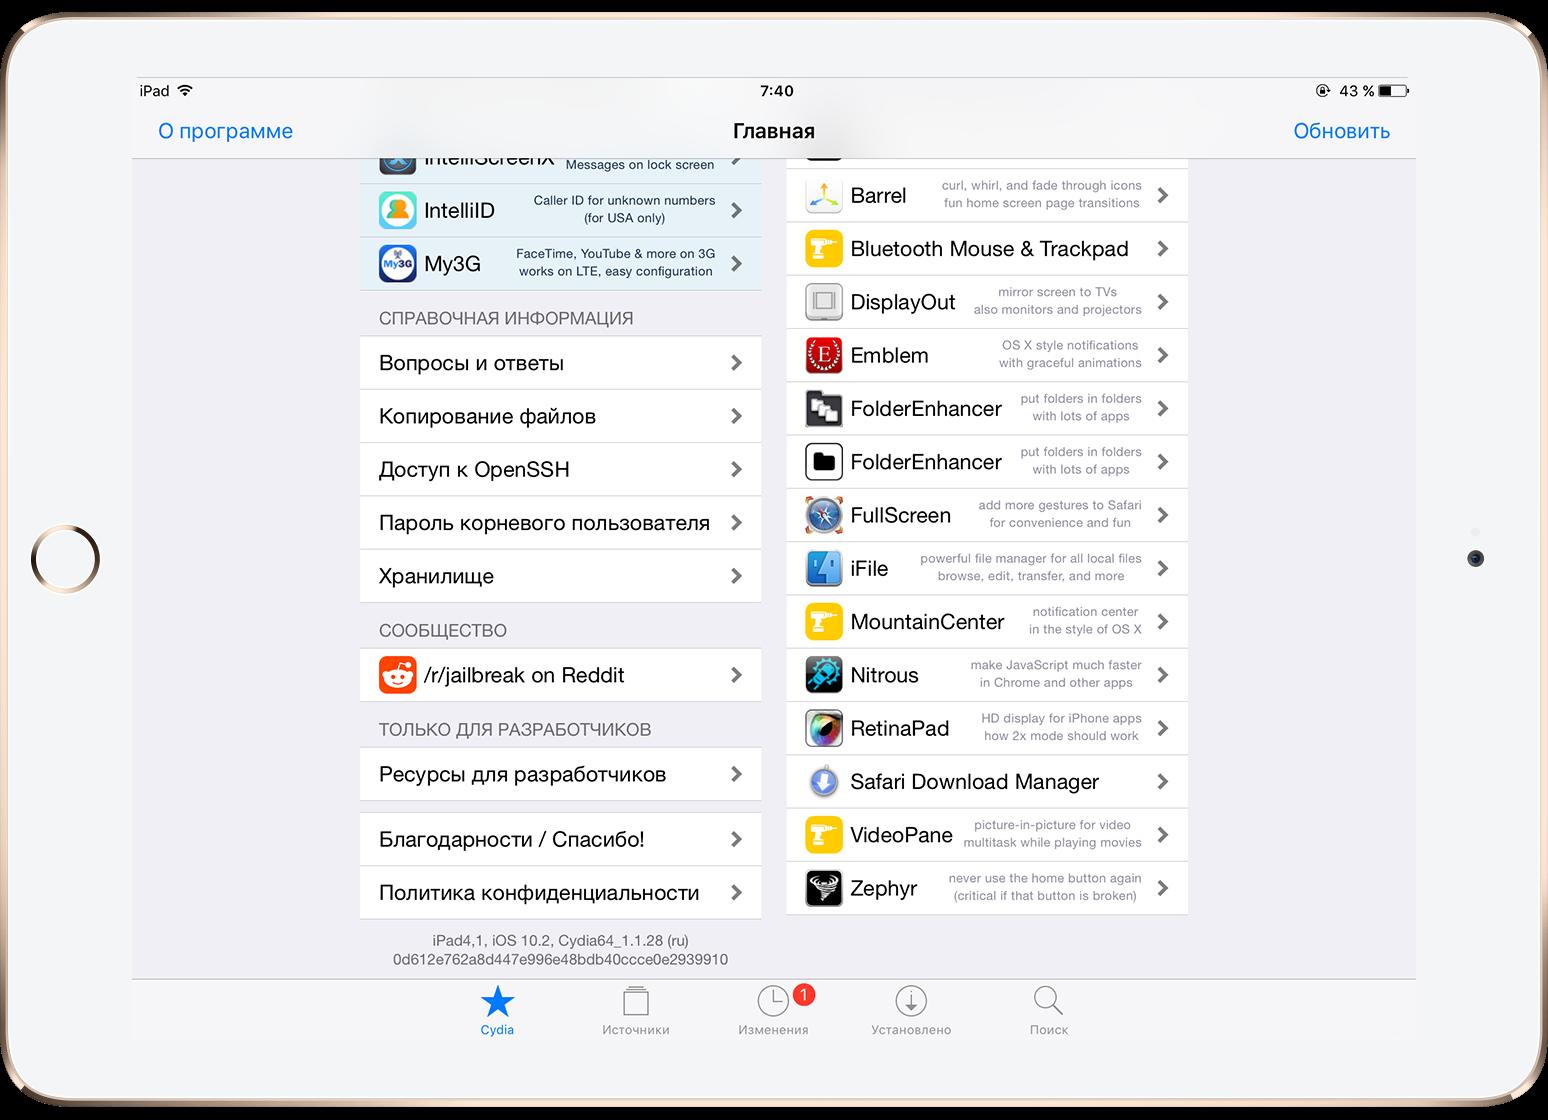 Вышла 64-битная версия Cydia сулучшенной поддержкой iOS 10